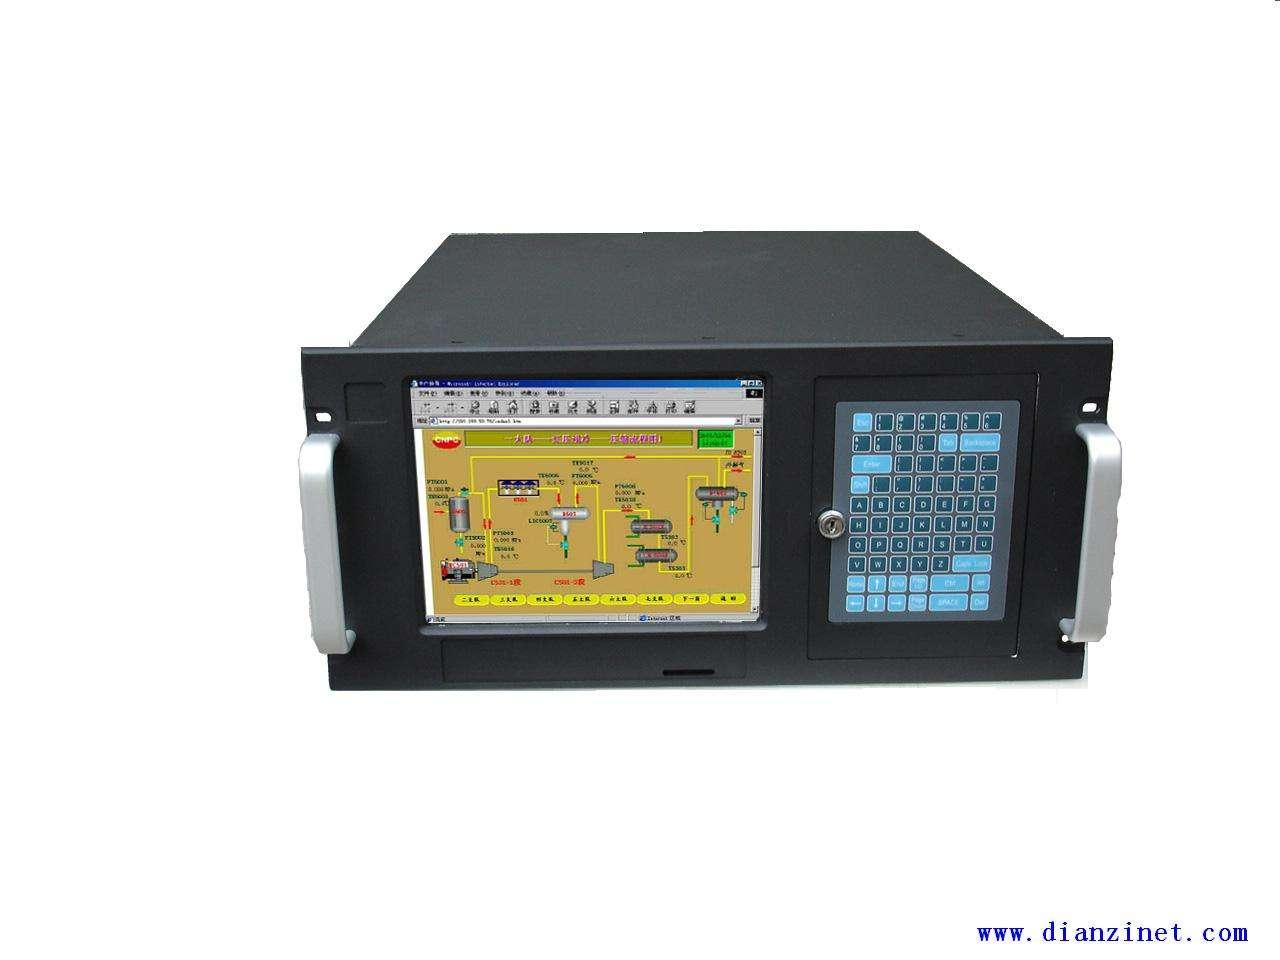 贝加莱IPC5000系列工控机维修